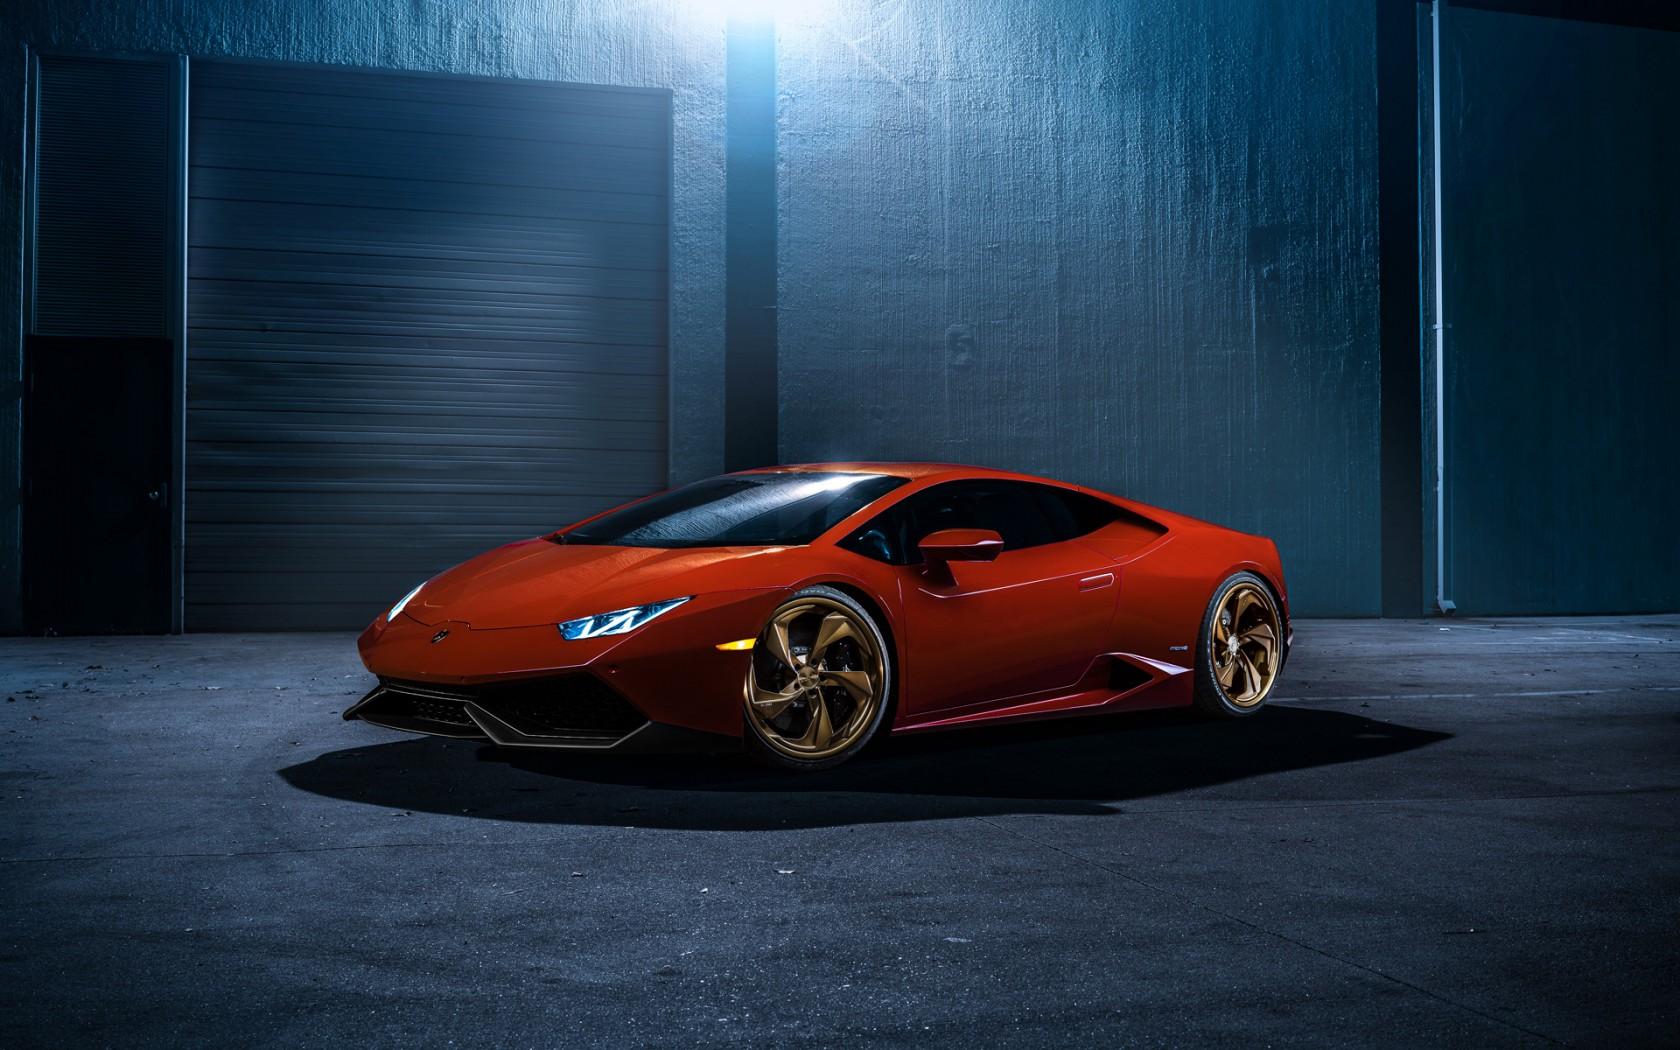 Lamborghini Huracan GT Auto Concepts Wallpaper